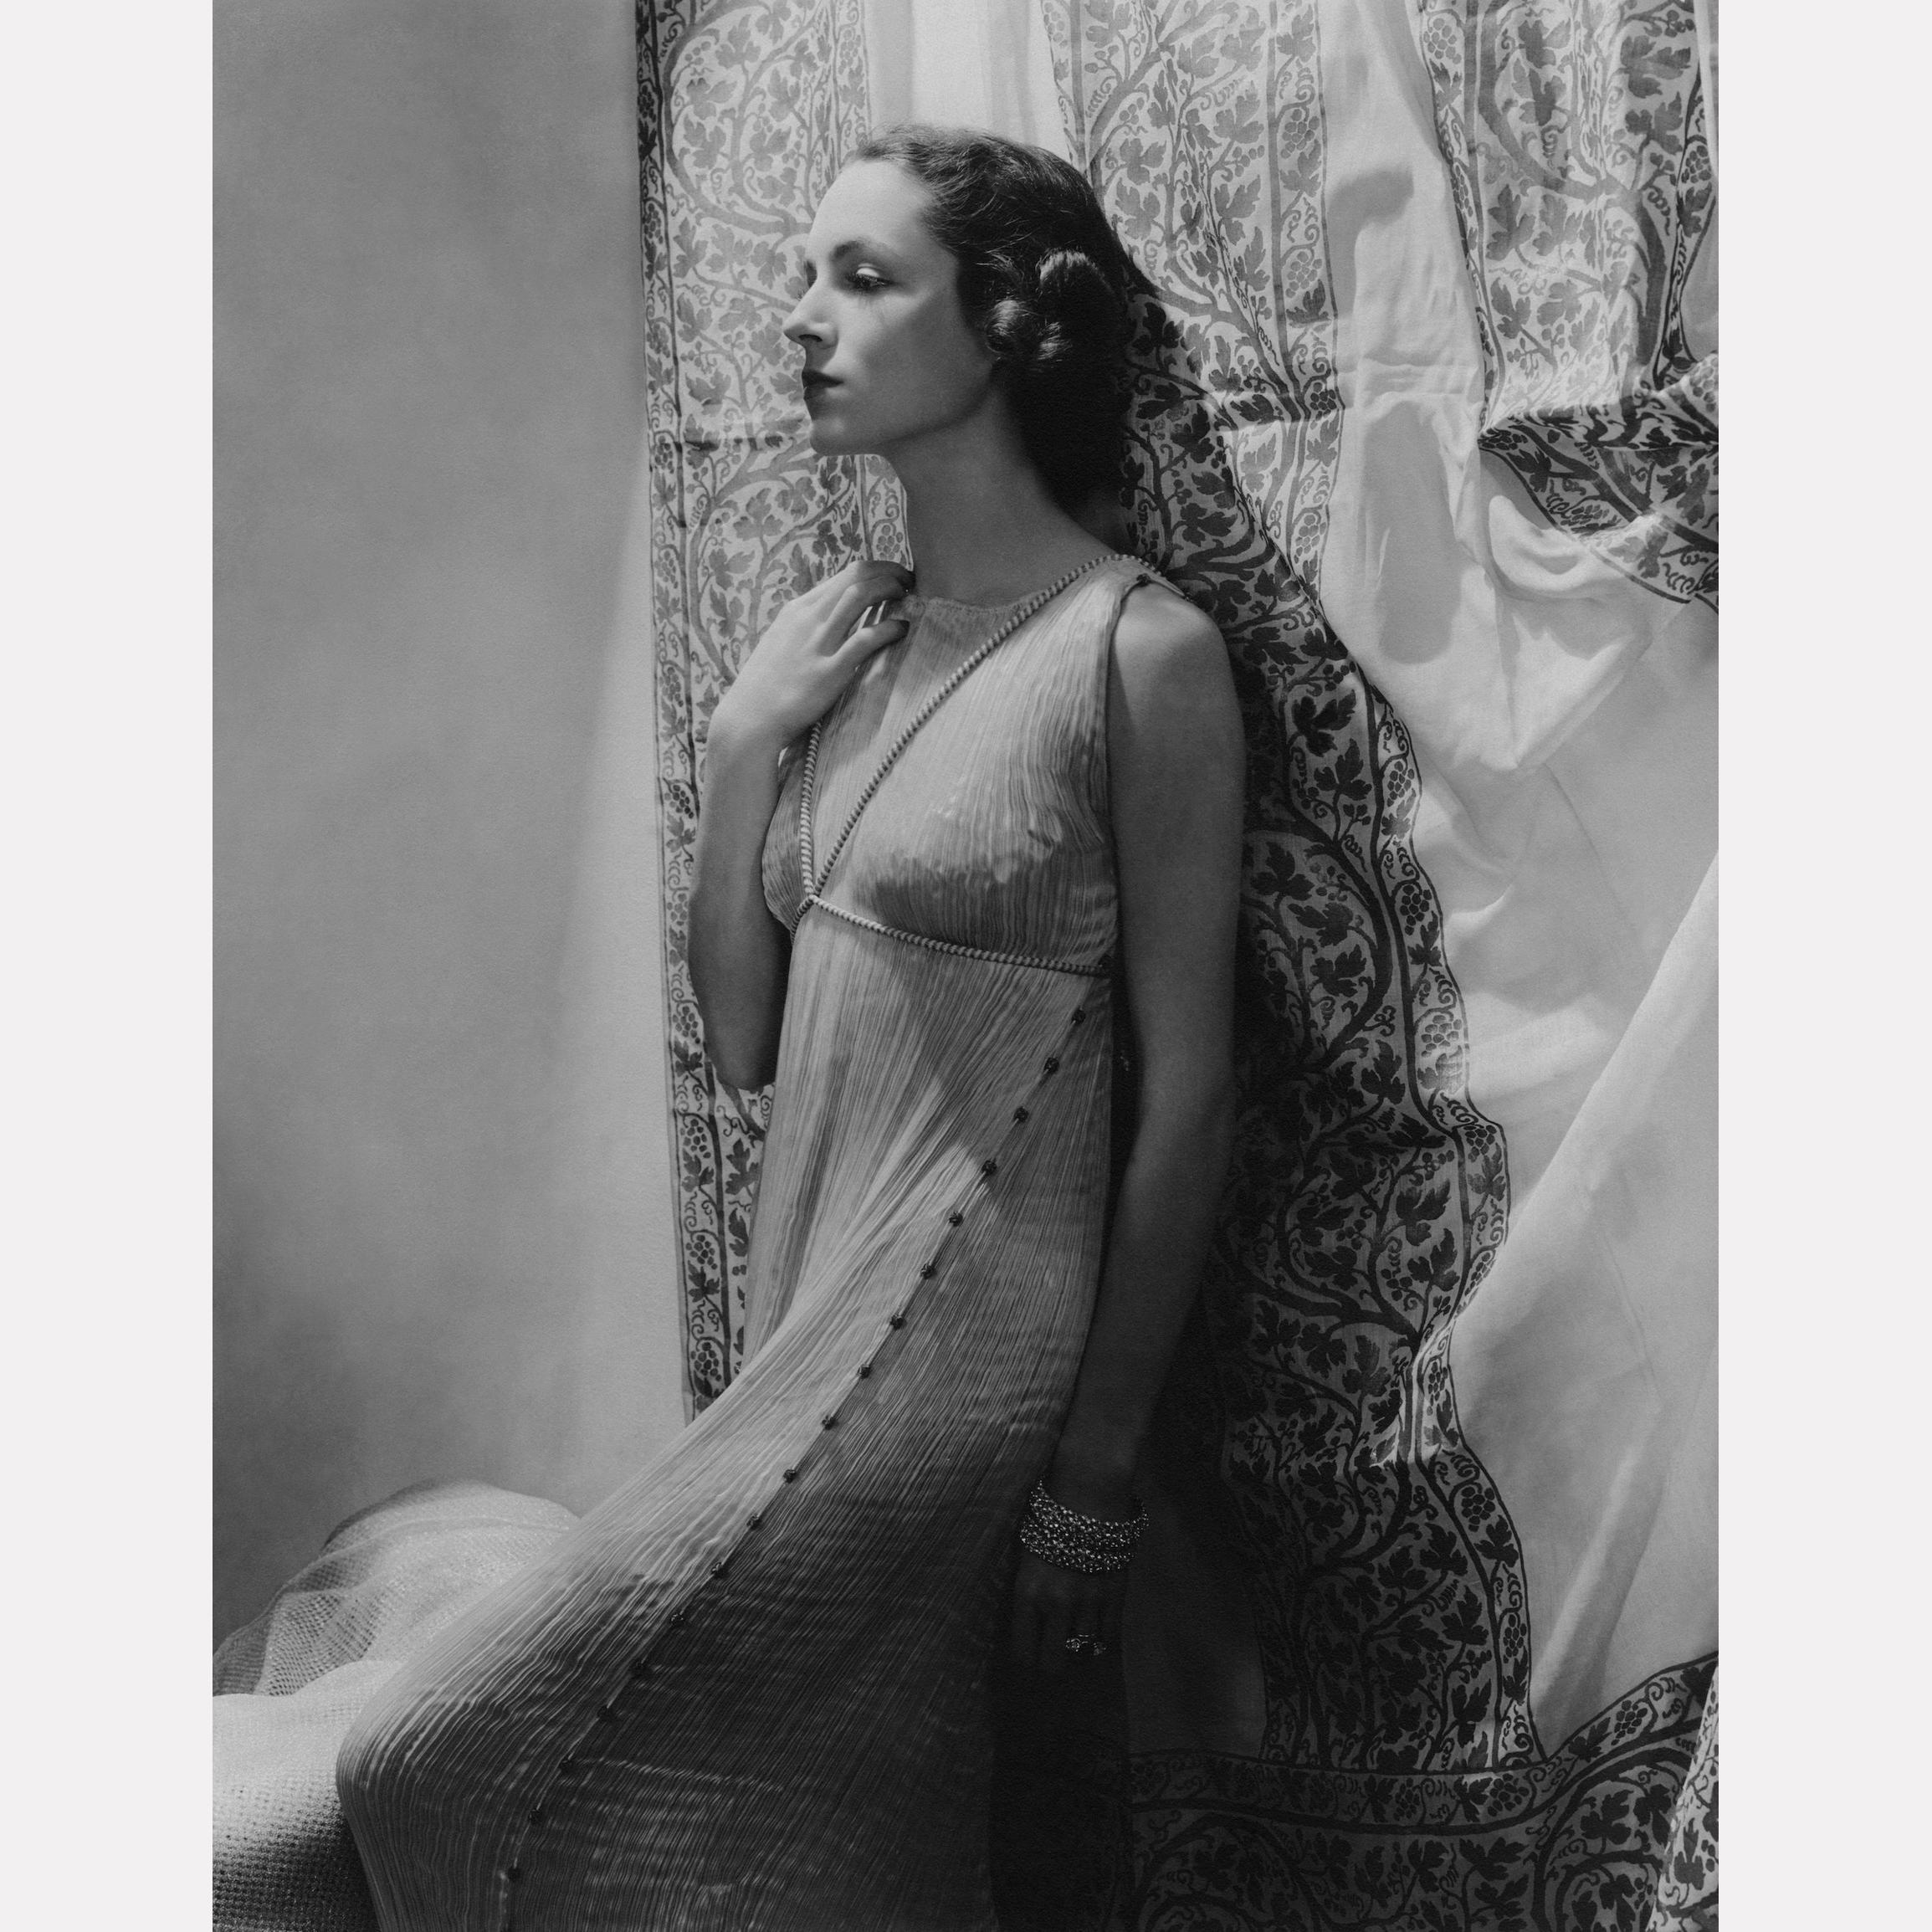 Миссис Уильям Уэтмор, 1935, Мариано Фортуни